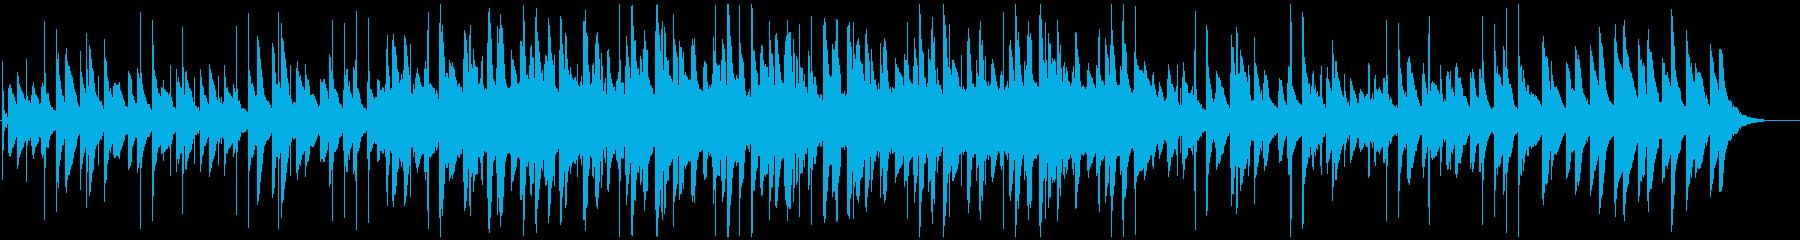 映画の場面に合うピアノエレクトロニカの再生済みの波形